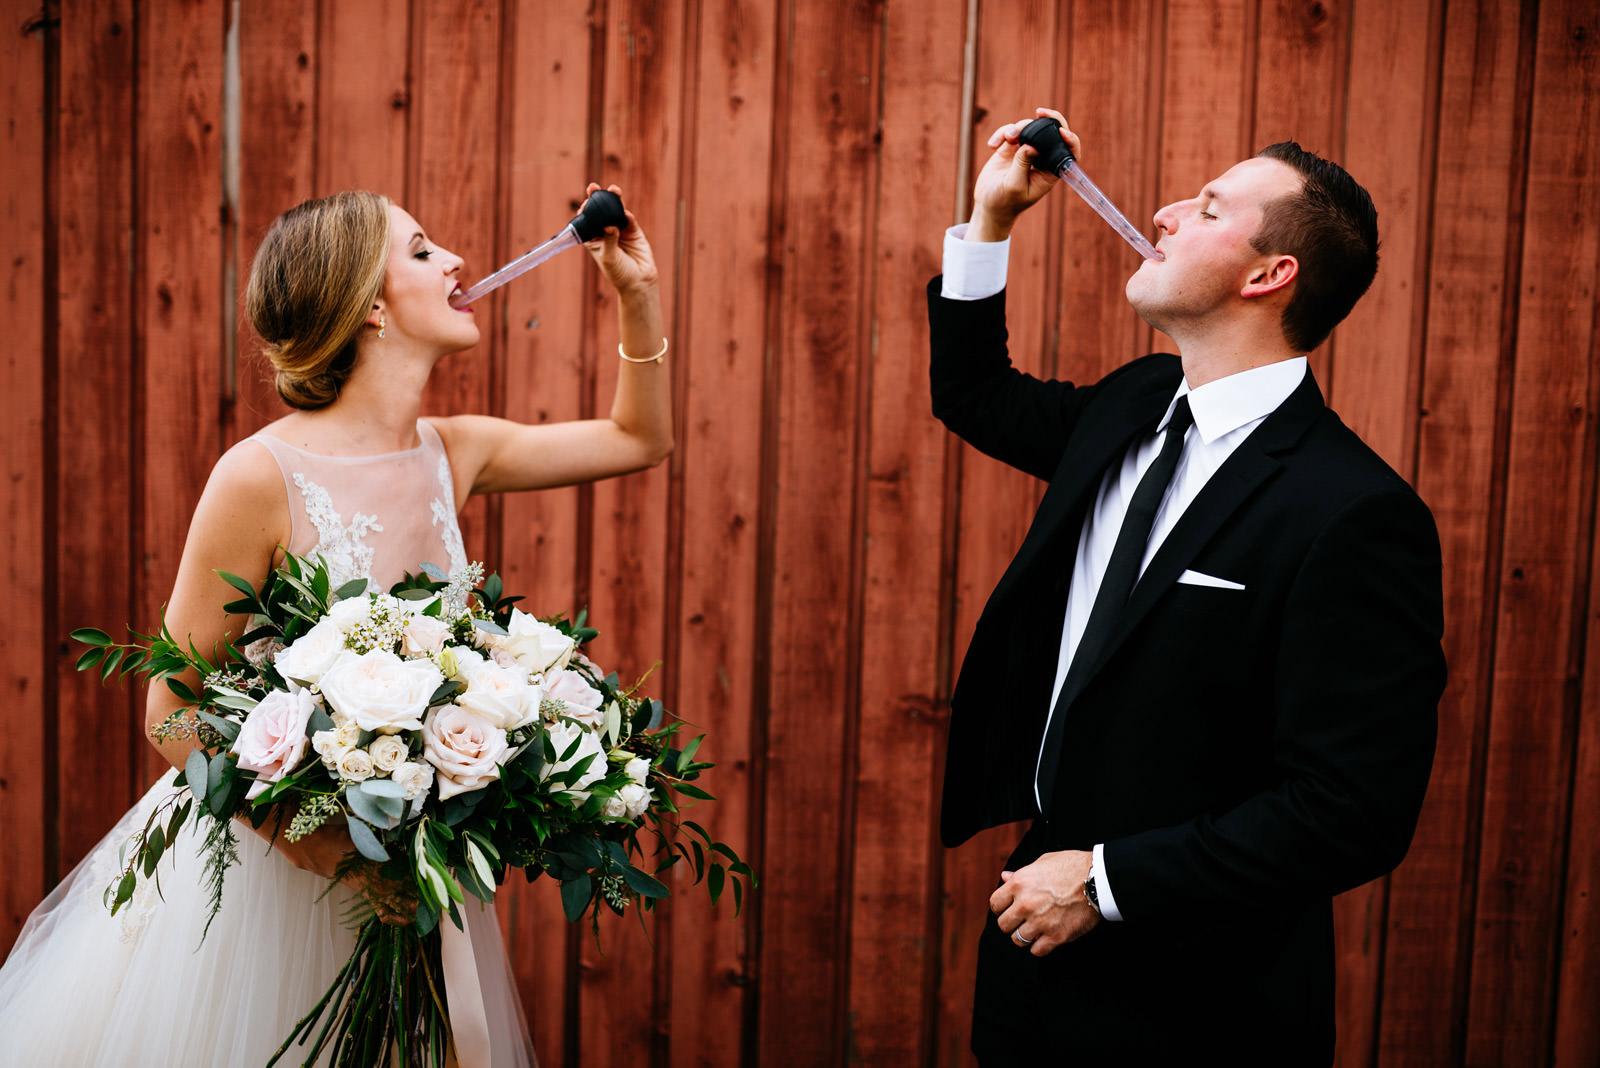 bride groom take gin bucket shots zenner house wedding athens ohio